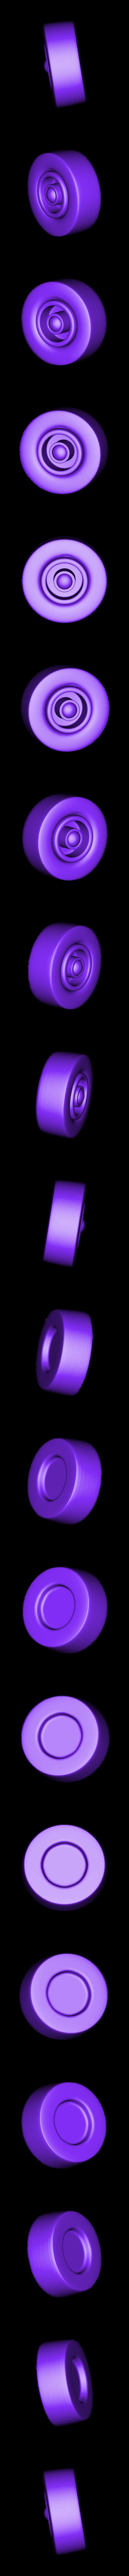 Tire-Front-L.stl Download STL file Rocket Car • 3D printer design, svandalk